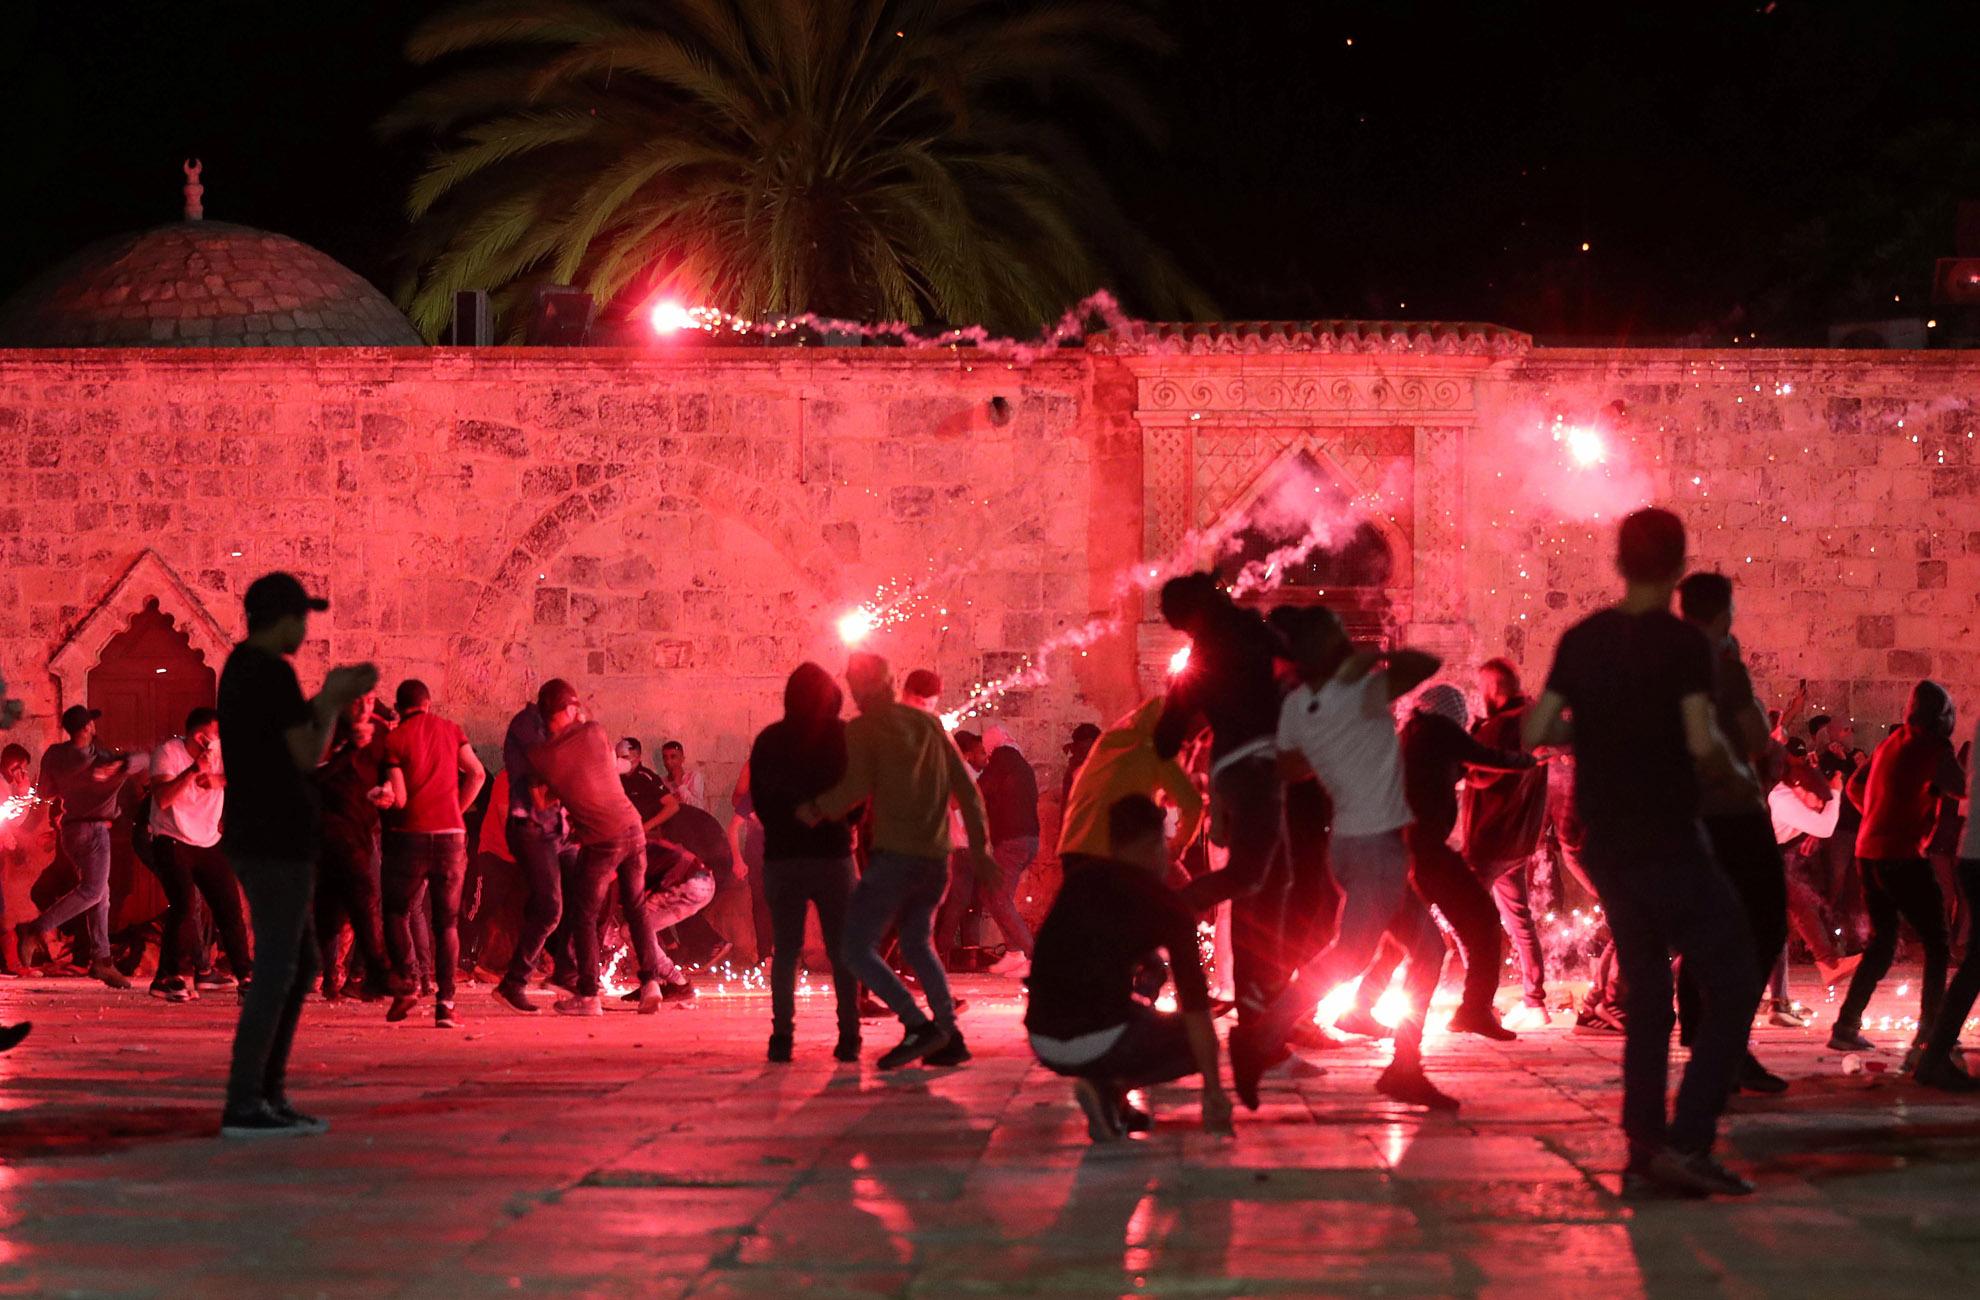 Ισραήλ: Πάνω από 180 τραυματίες στις συγκρούσεις Παλαιστινίων και αστυνομίας στην Ιερουσαλήμ